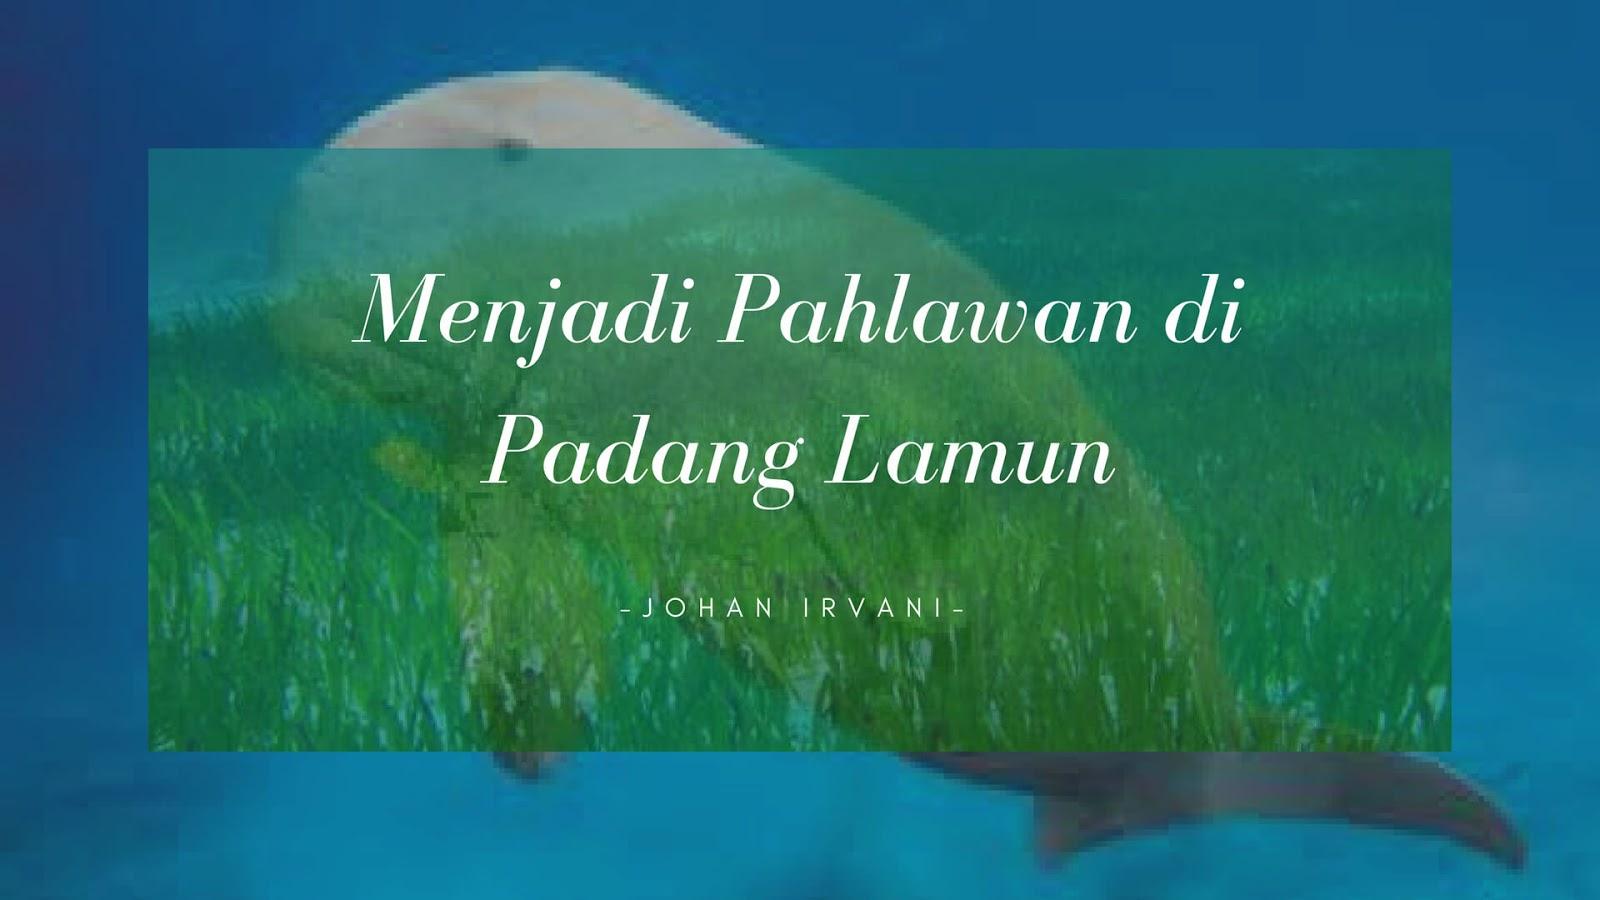 Menjadi Pahlawan di Padang Lamun